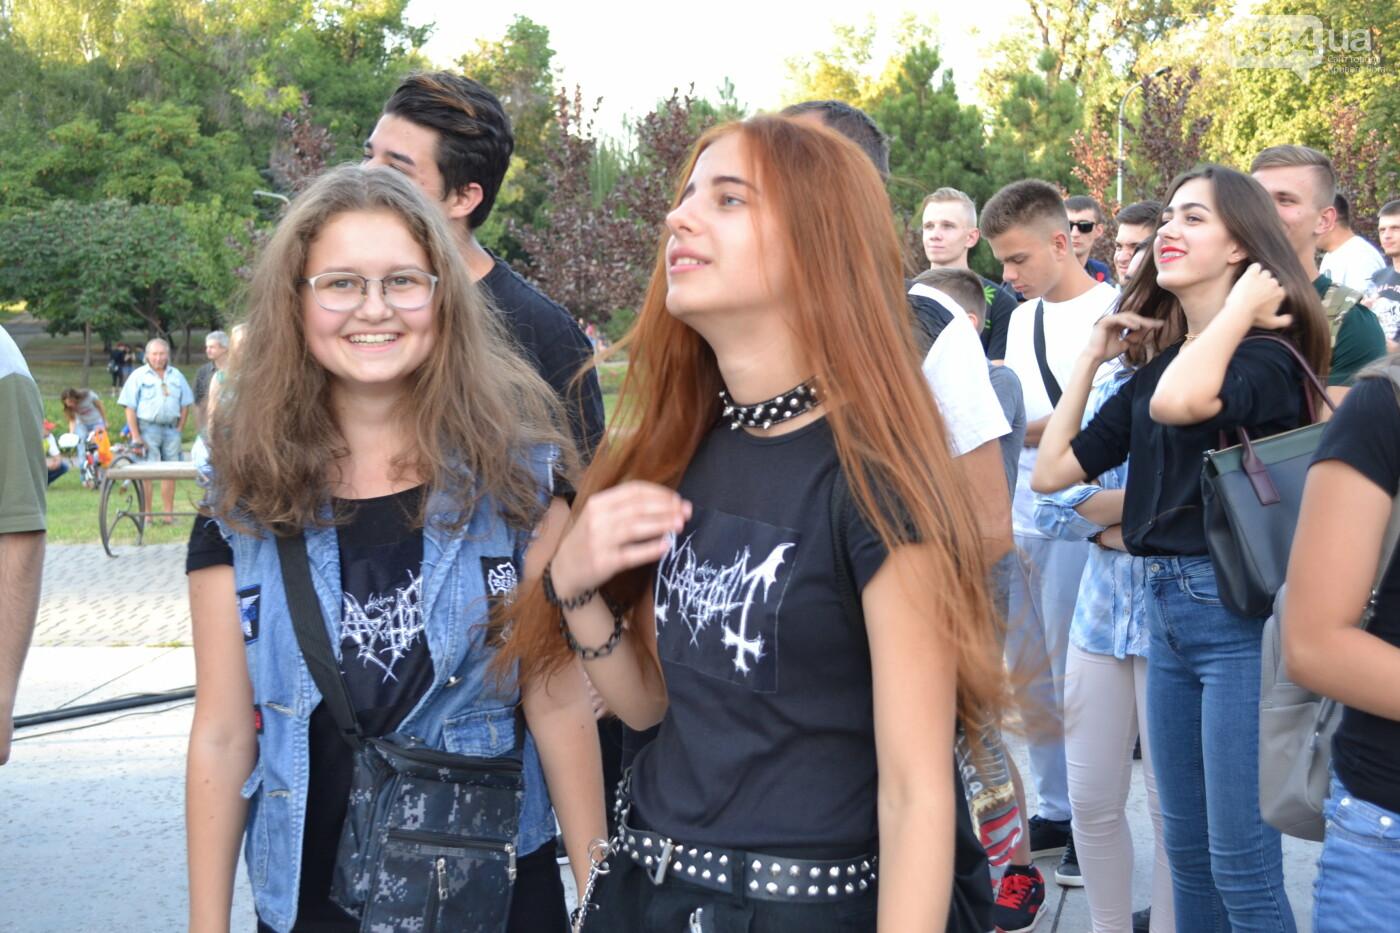 """Музыканты раскрыли душу, а зрители - открыли сердца: лица и эмоции на  криворожском рок-фесте """"ЗаліZна міць"""", - ФОТО, фото-18"""